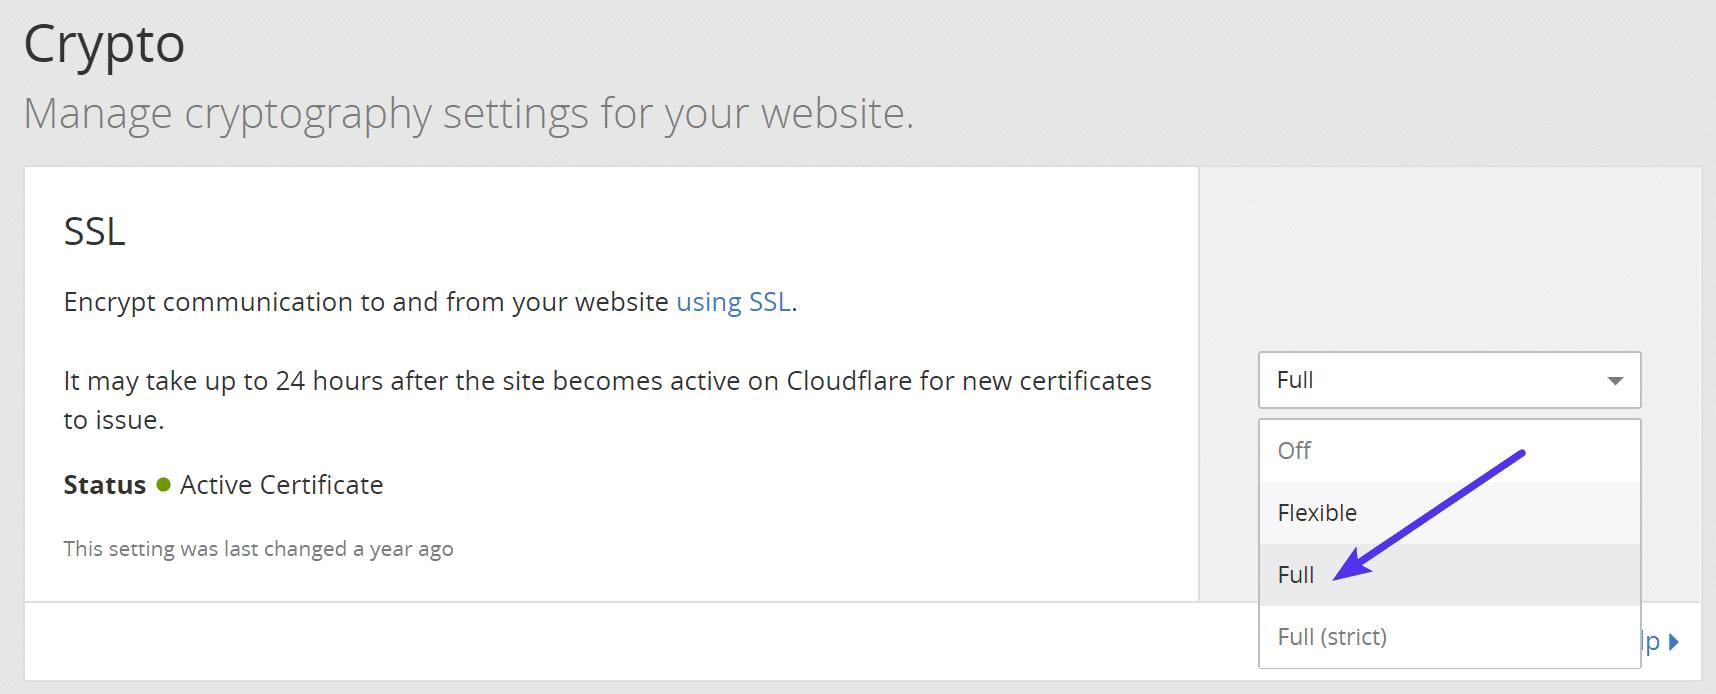 Indstil Cloudflare-kryptoniveau til fuldt